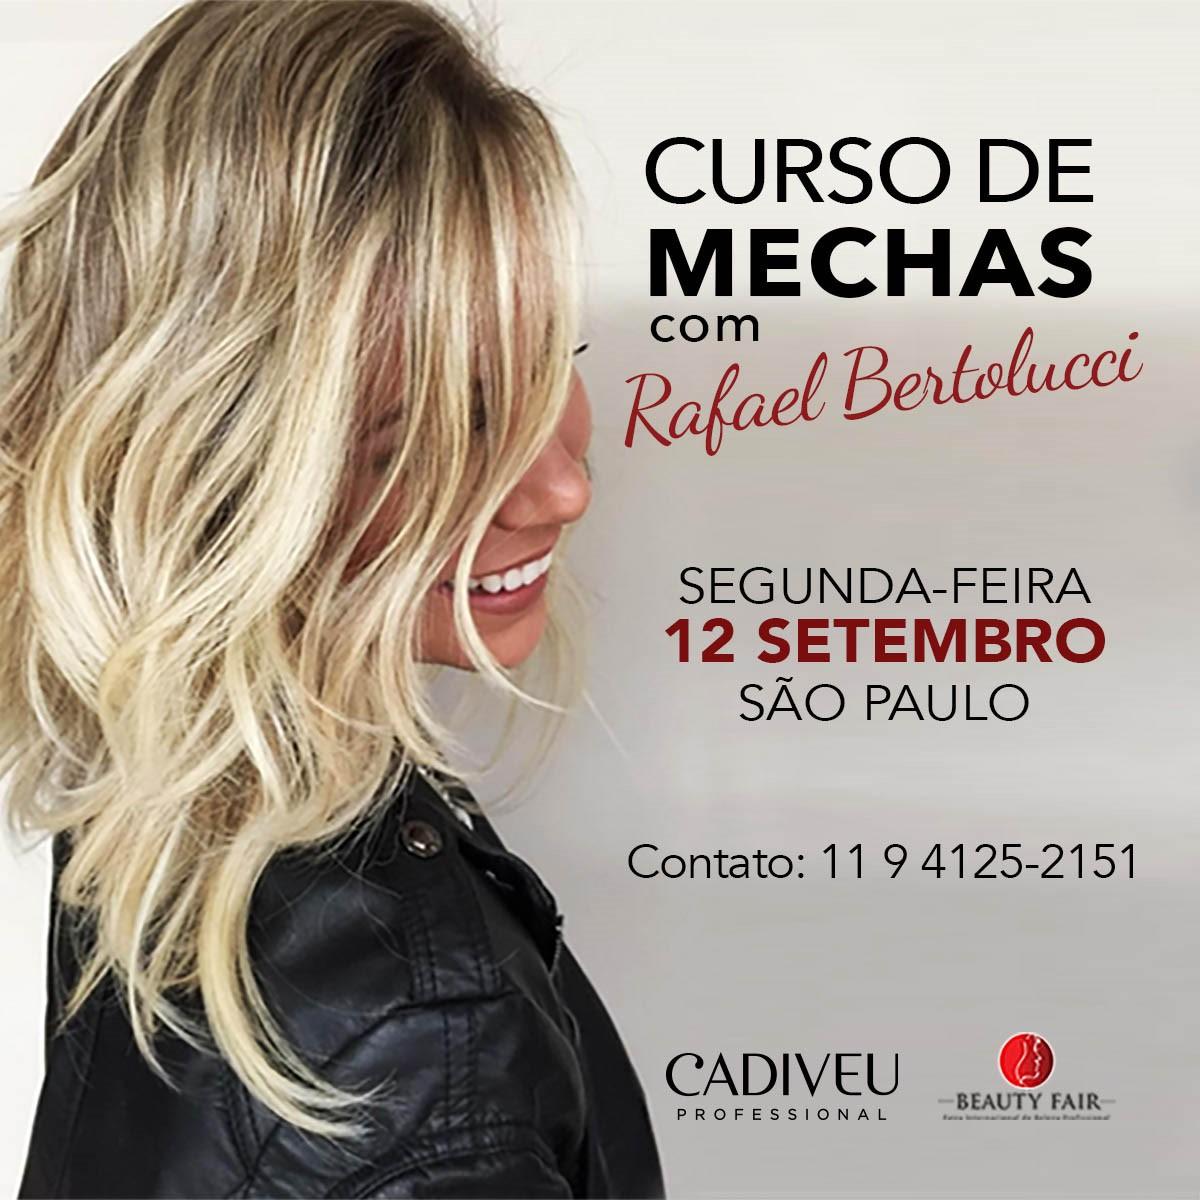 Curso de Mechas com Rafael Bertolucci